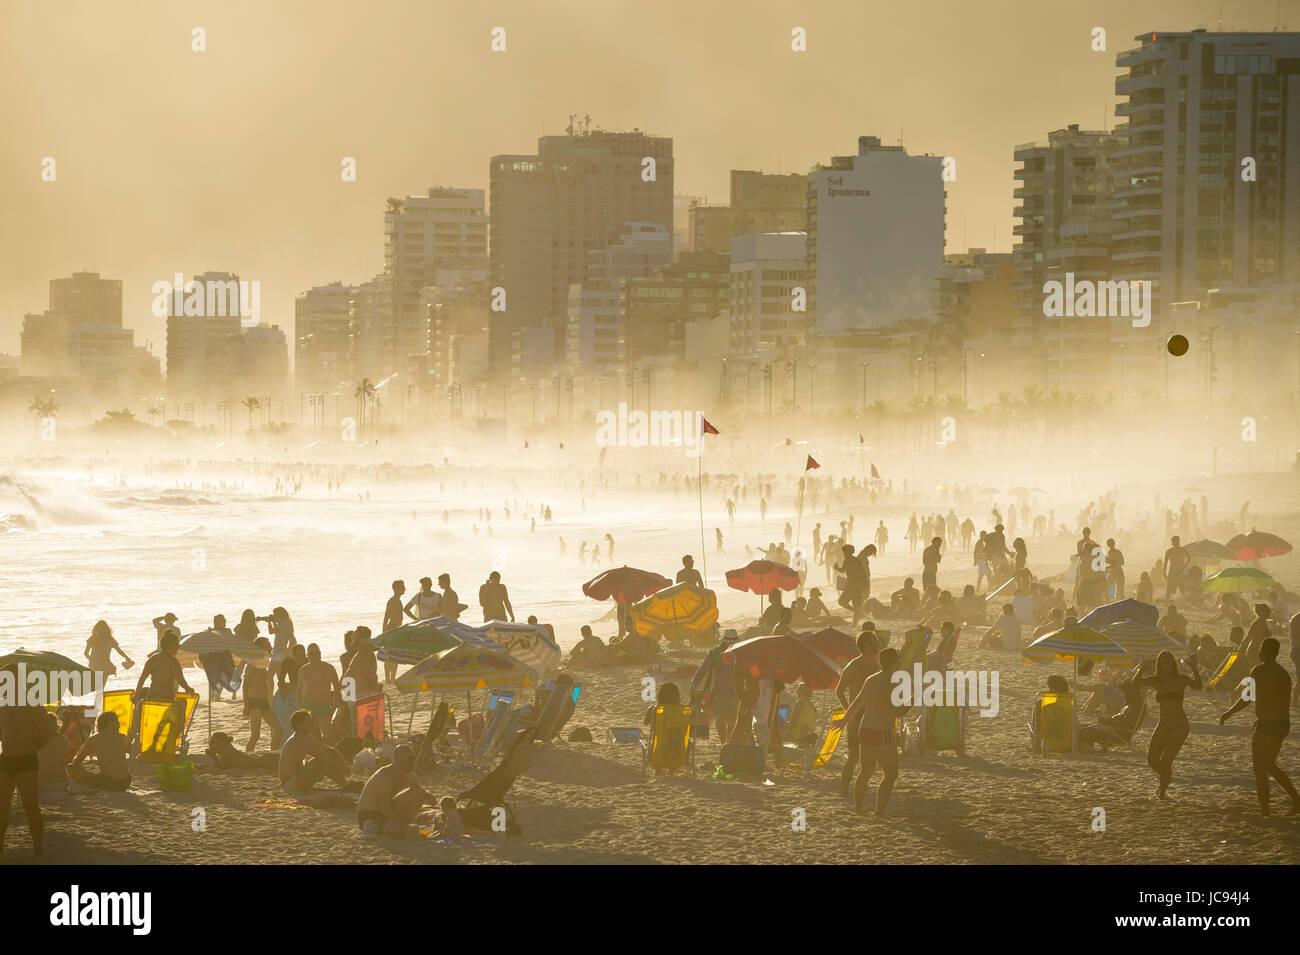 RIO DE JANEIRO - Mars 20, 2017: le golden enjoing misty sunset shores de la plage d'Ipanema à Rio Photo Stock